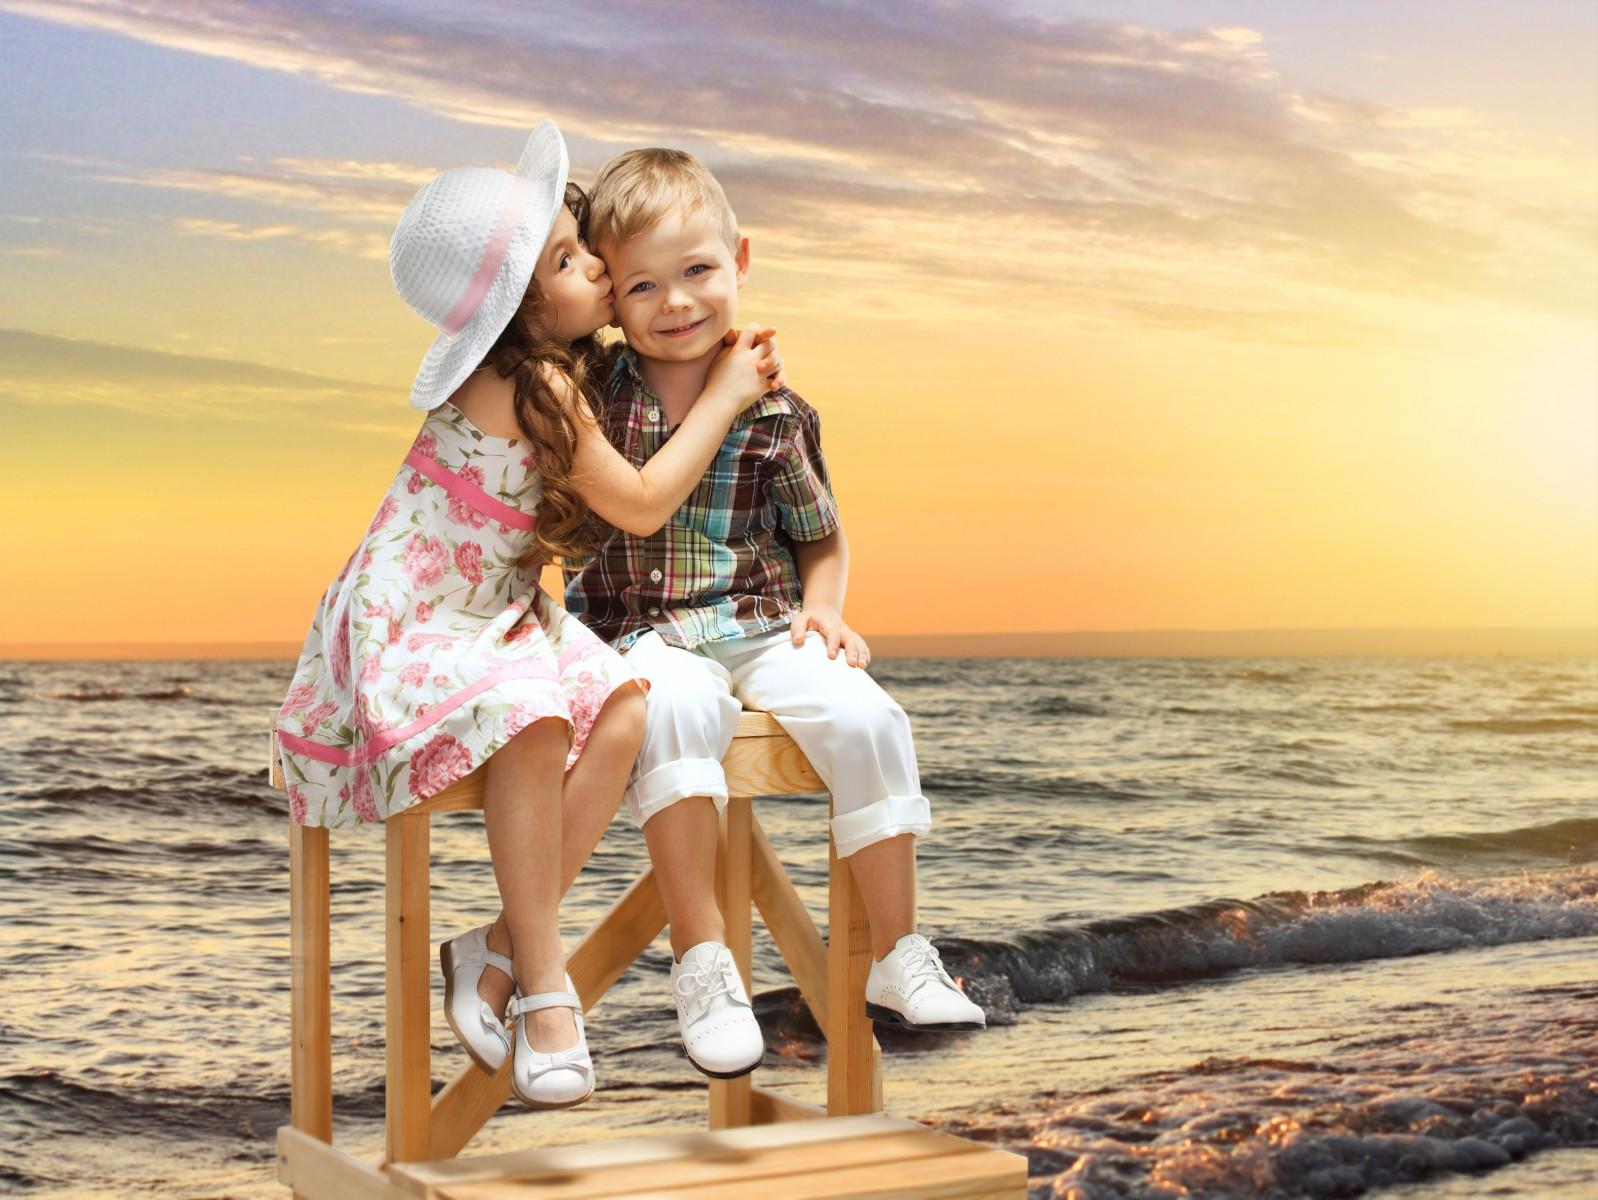 夕阳下小男孩吻小女孩的壁纸